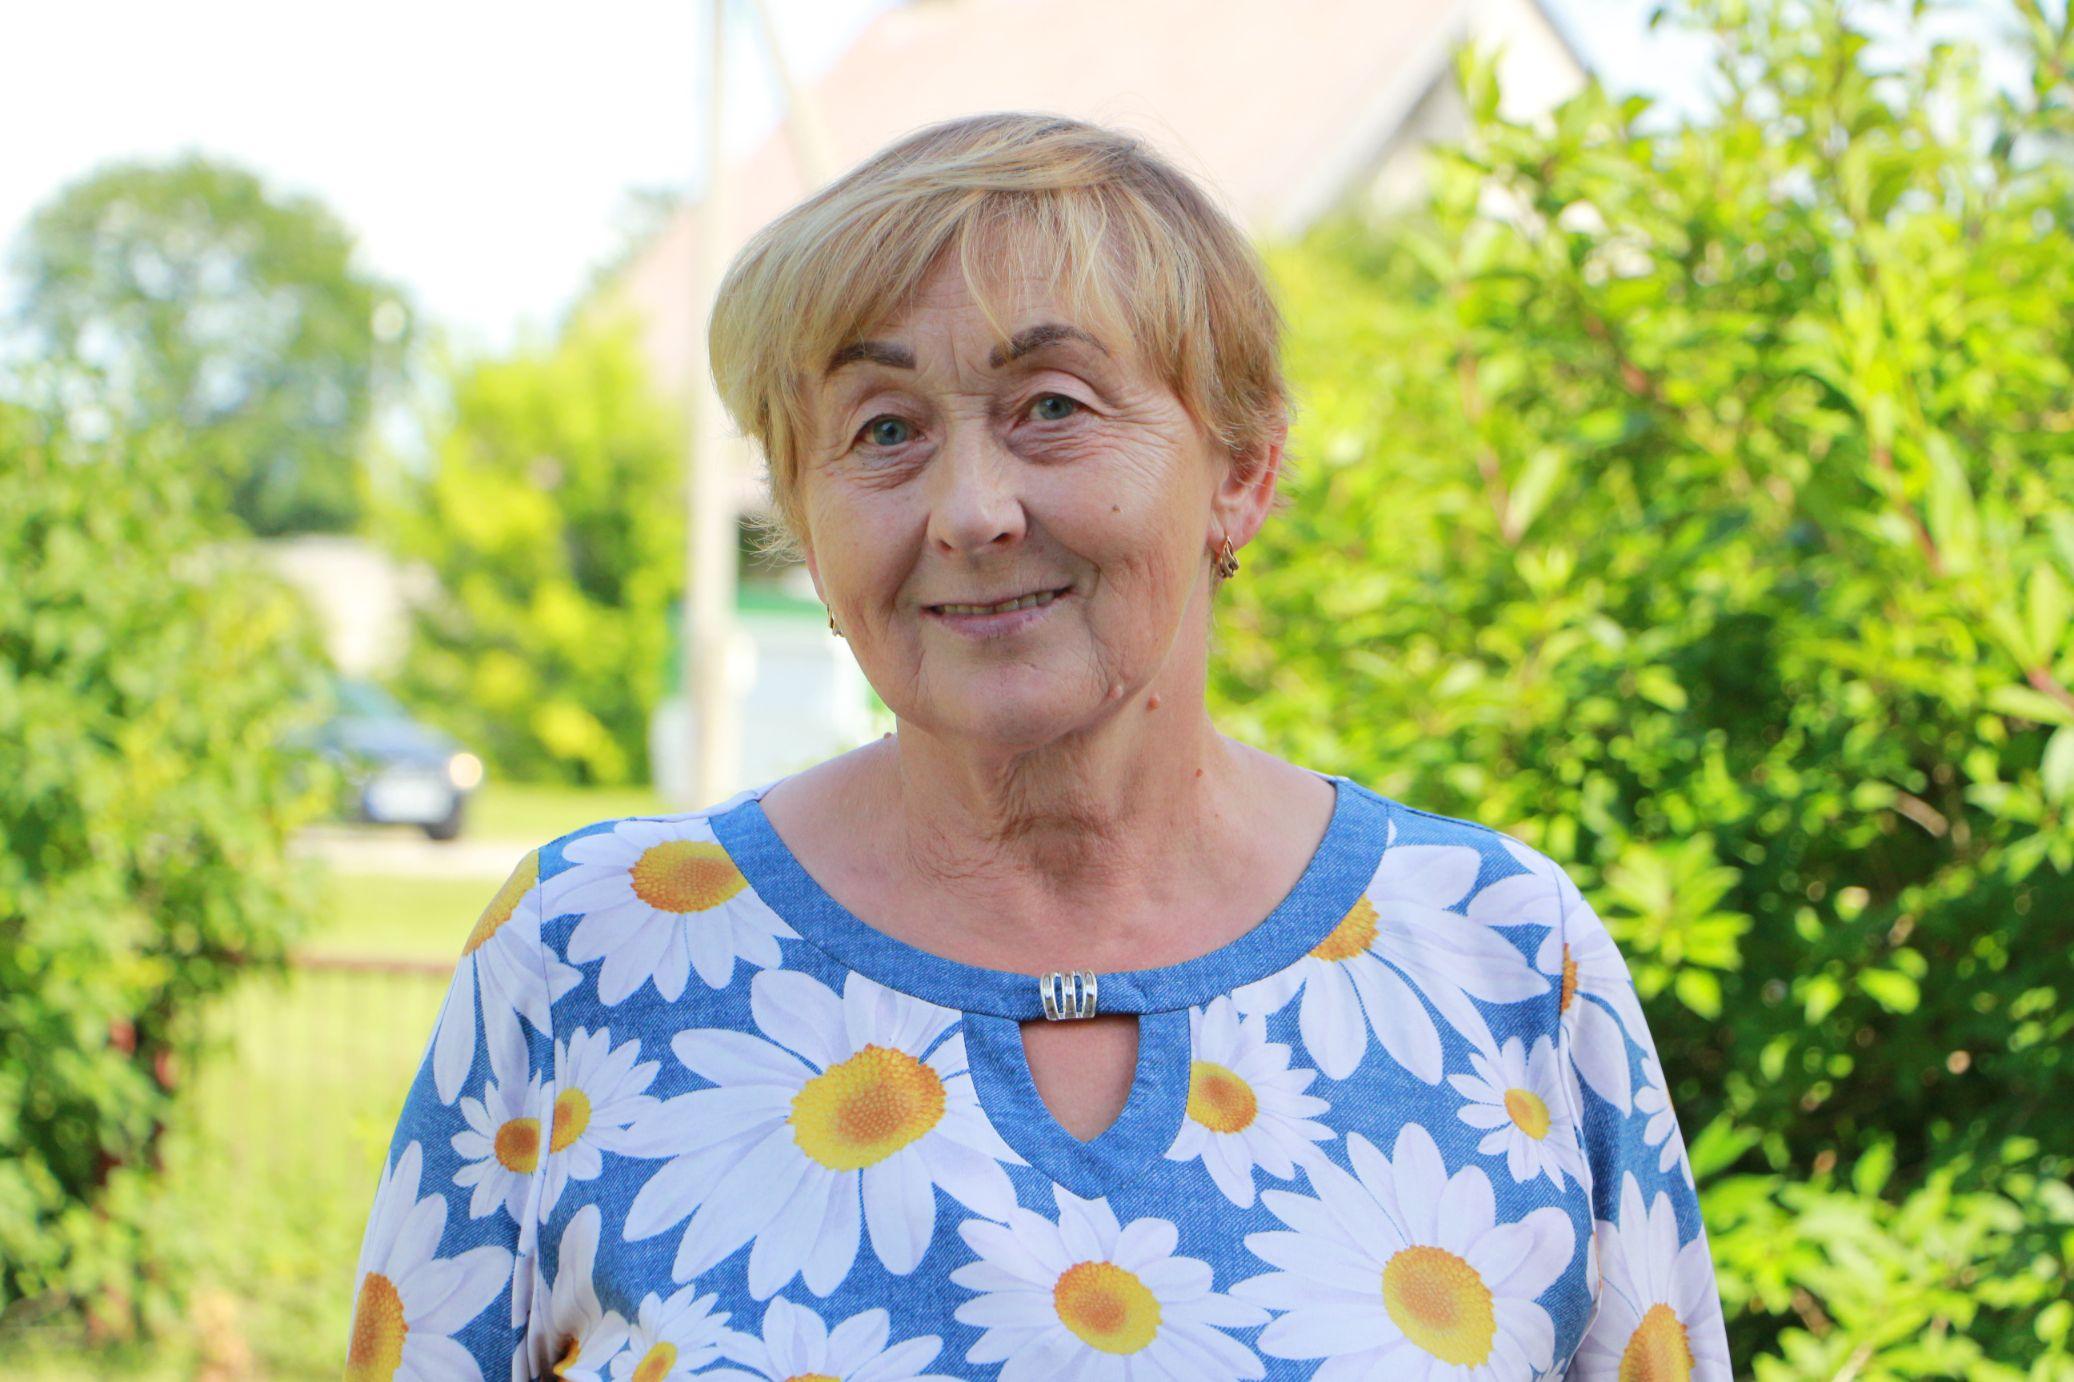 Laima Jakštienė Petkūnuose gyvena nuo 1987 metų. Anot jos, tik atvykus į kaimą, šis buvo kur kas gyvesnis. D. Borodinaitės nuotr.